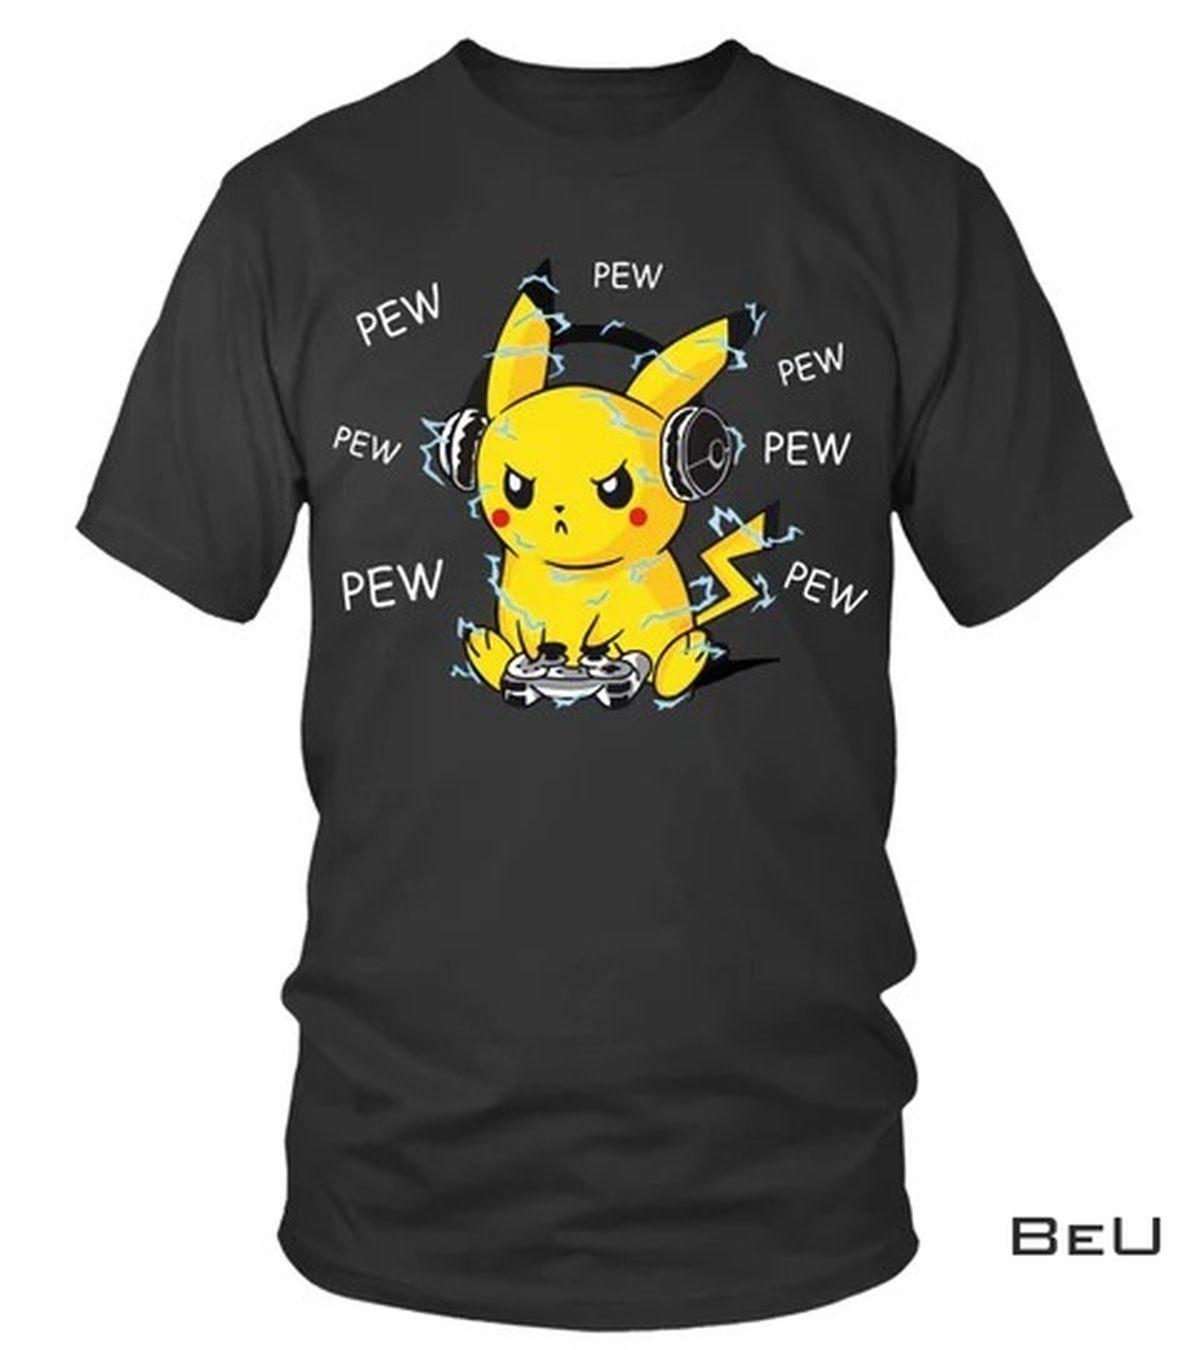 Pokemon Pikachu Playing Game Pew Pew Pew Shirt, hoodie, tank top